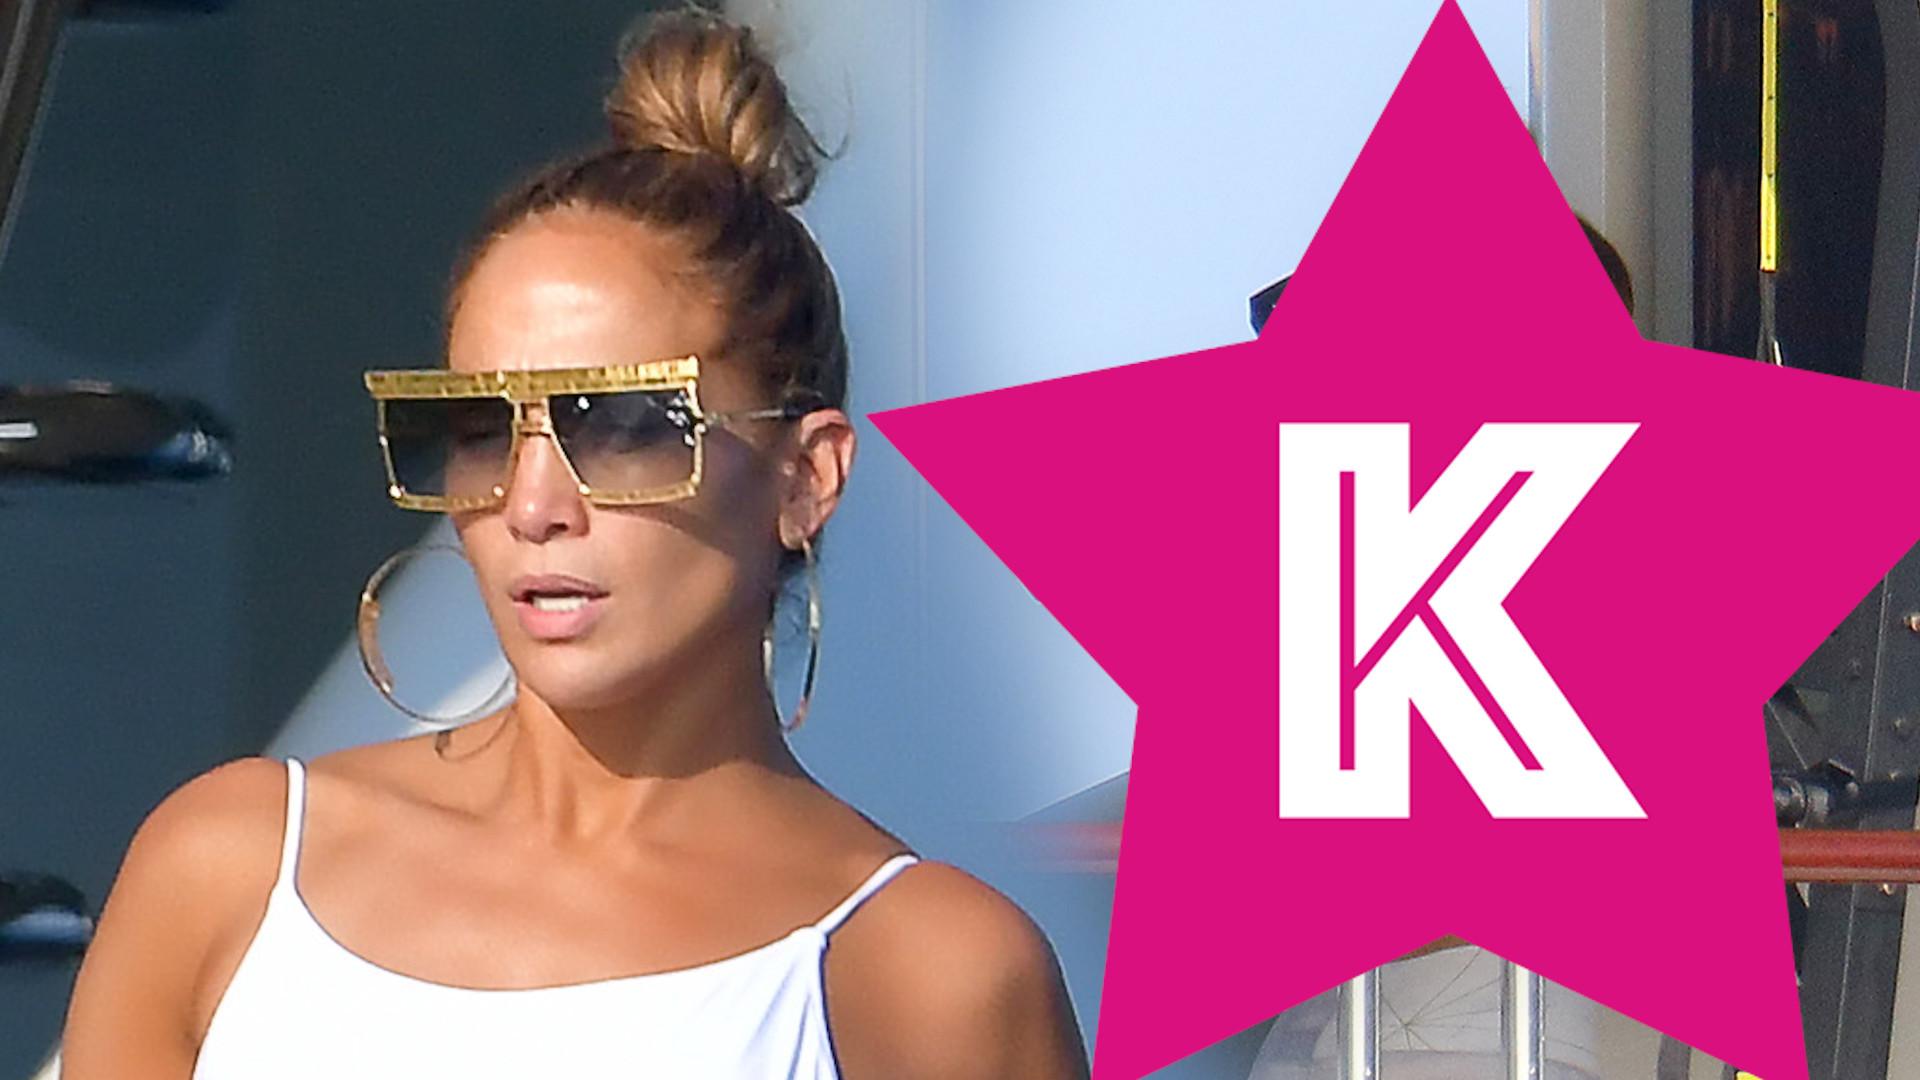 WOW! Zobaczcie, co Jennifer Lopez robi na jachcie. Nic dziwnego, że ma TAKIE ciało